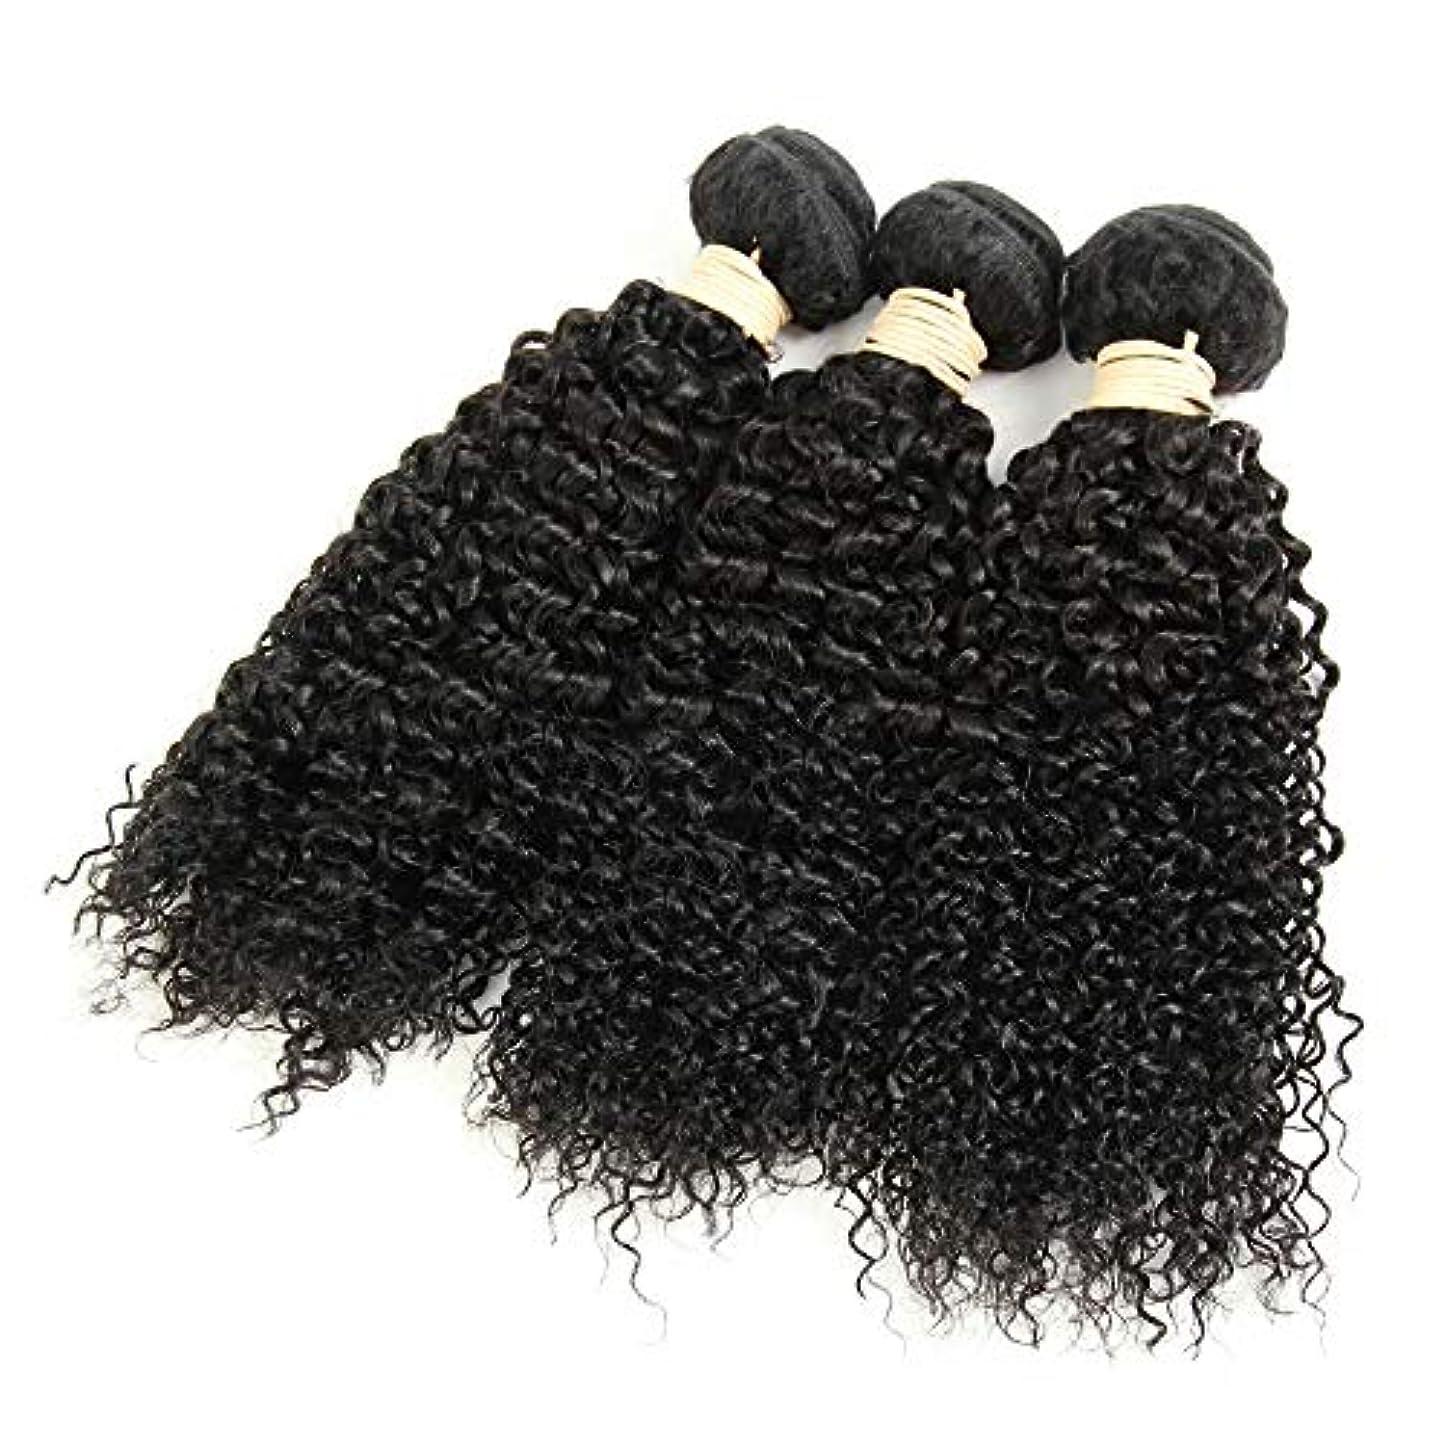 軽減ハグ産地Mayalina ブラジルのバージン変態カーリーヘアバンドル人毛エクステンション横糸 - #1Bナチュラルブラックカラー、8